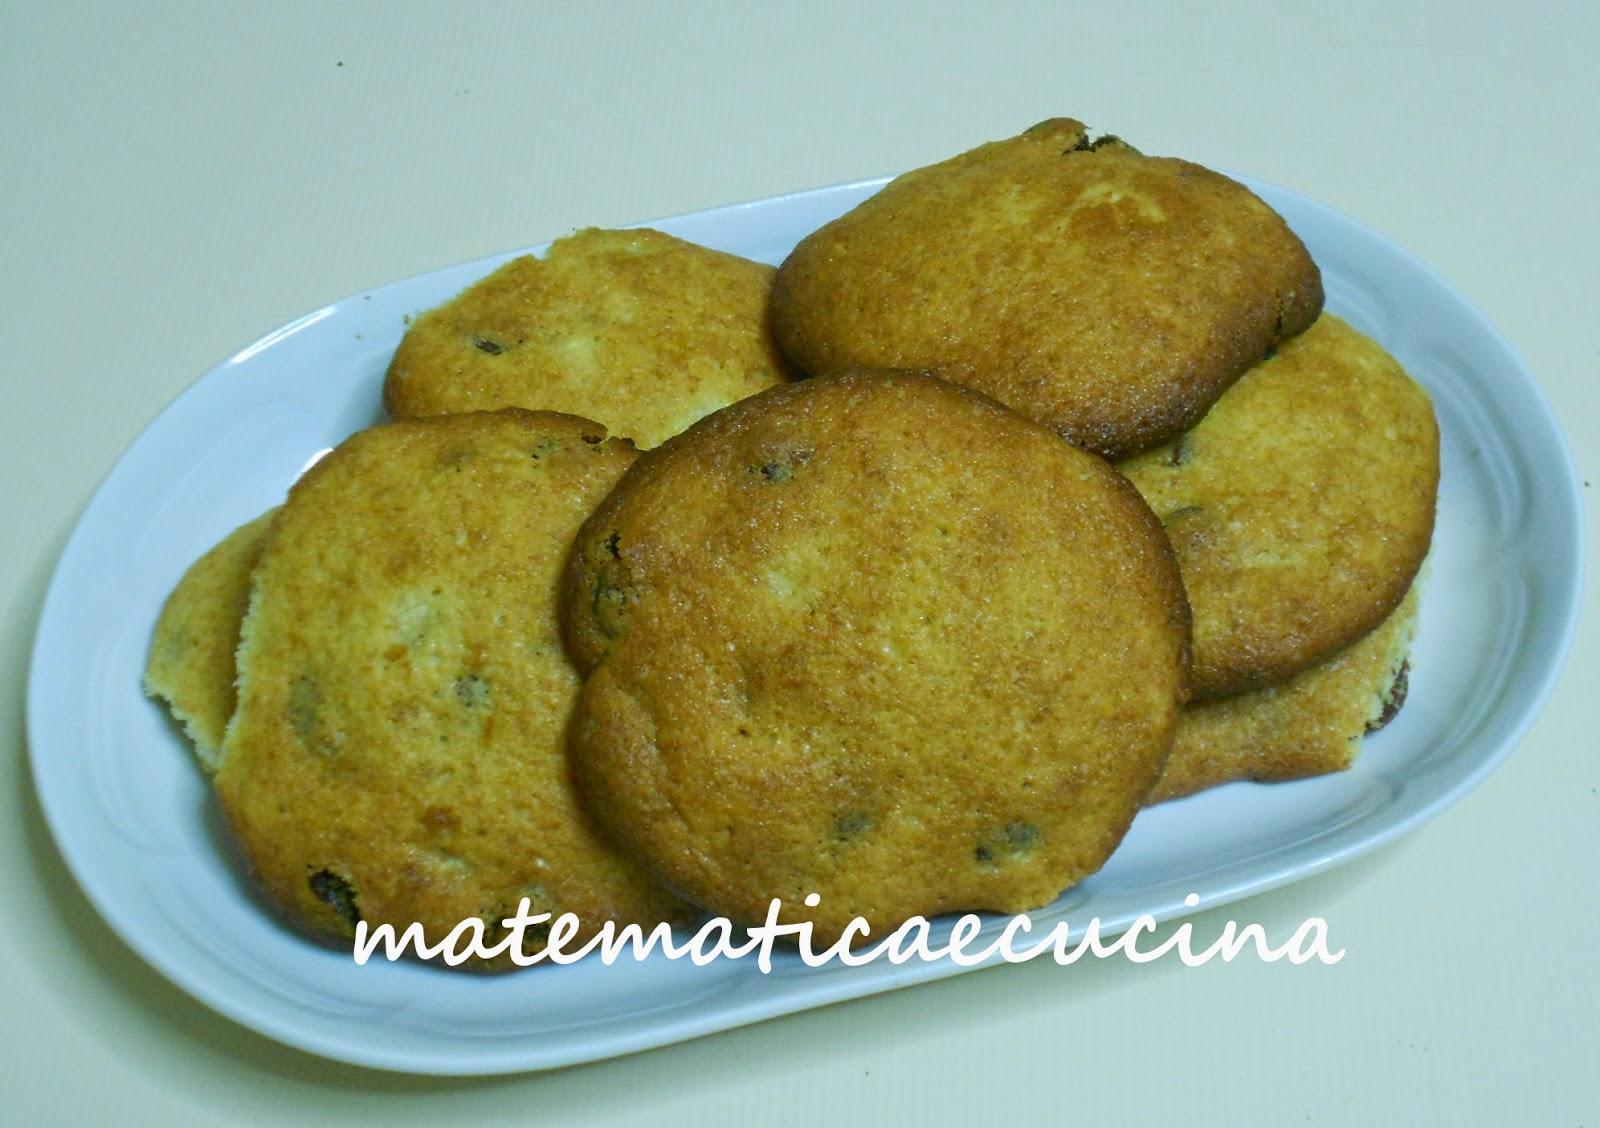 biscotti con banana e uvetta e buona festa della donna (con ironia)